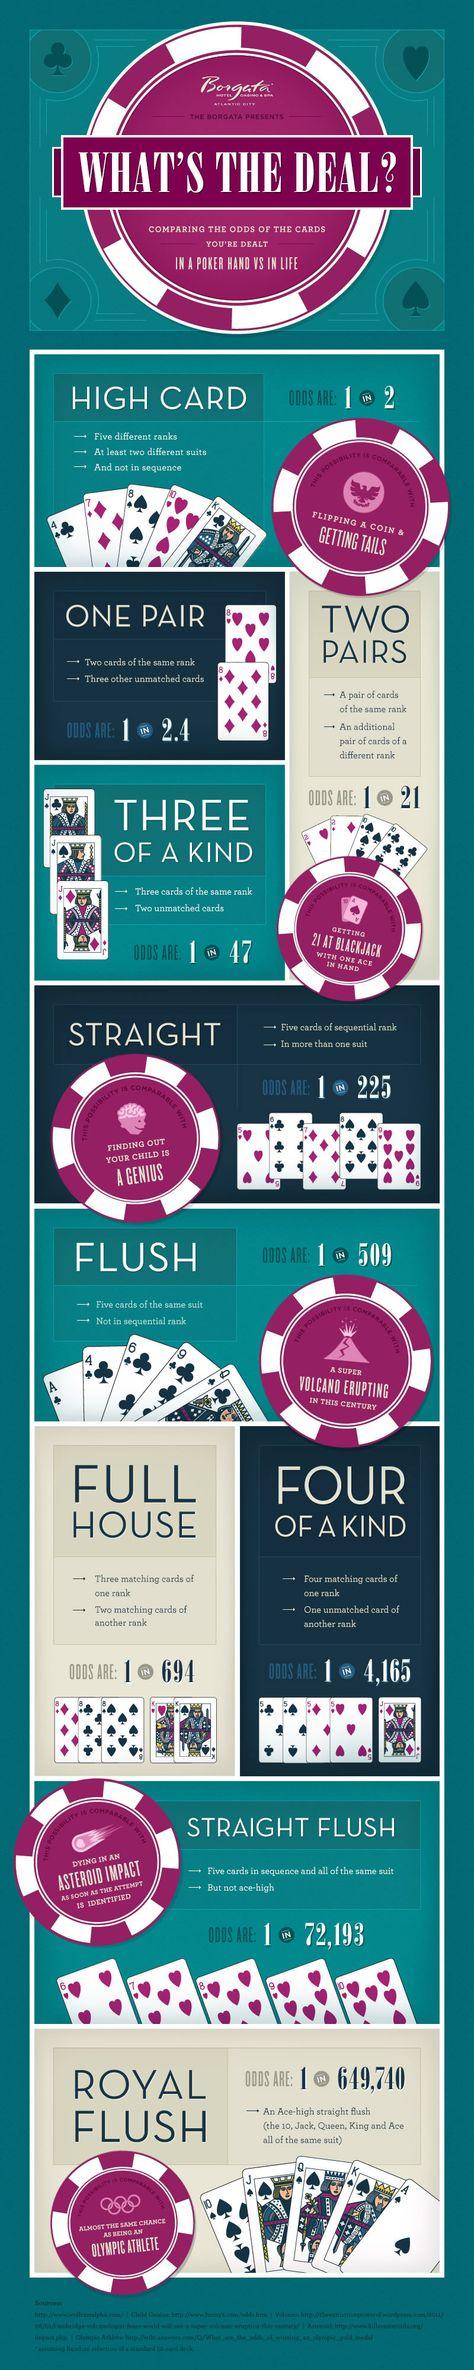 Free spins poker jogo 60529